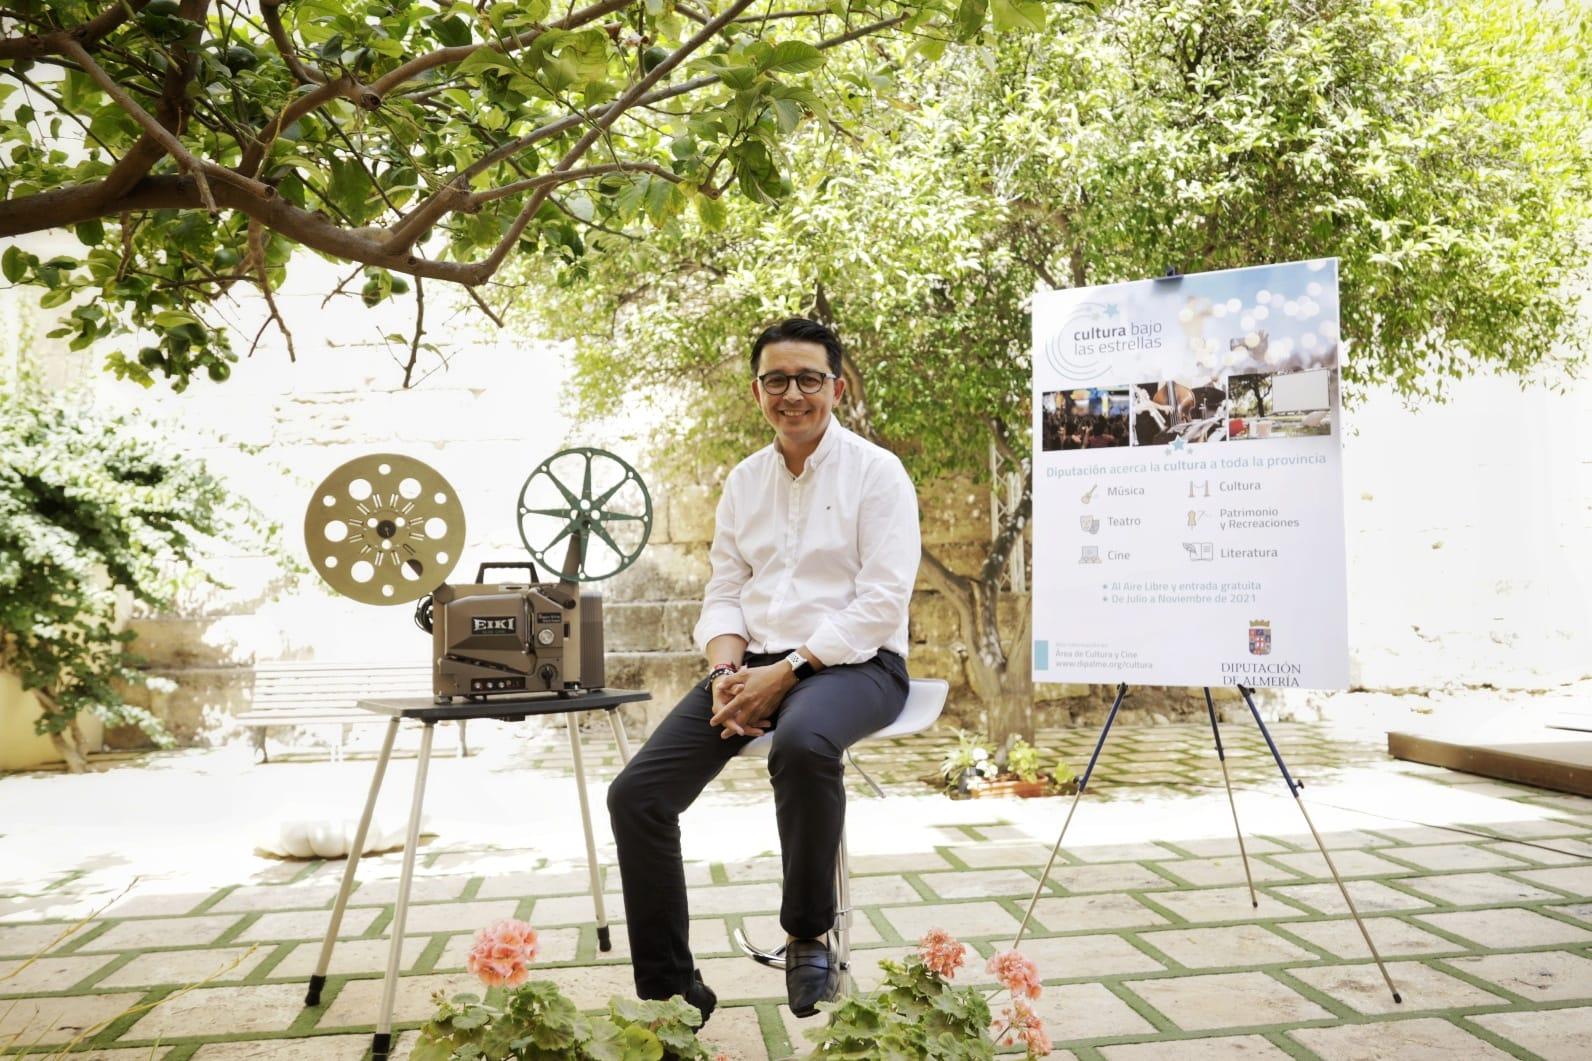 Diputación programa más de 521 actividades culturales este verano en los municipios más pequeños